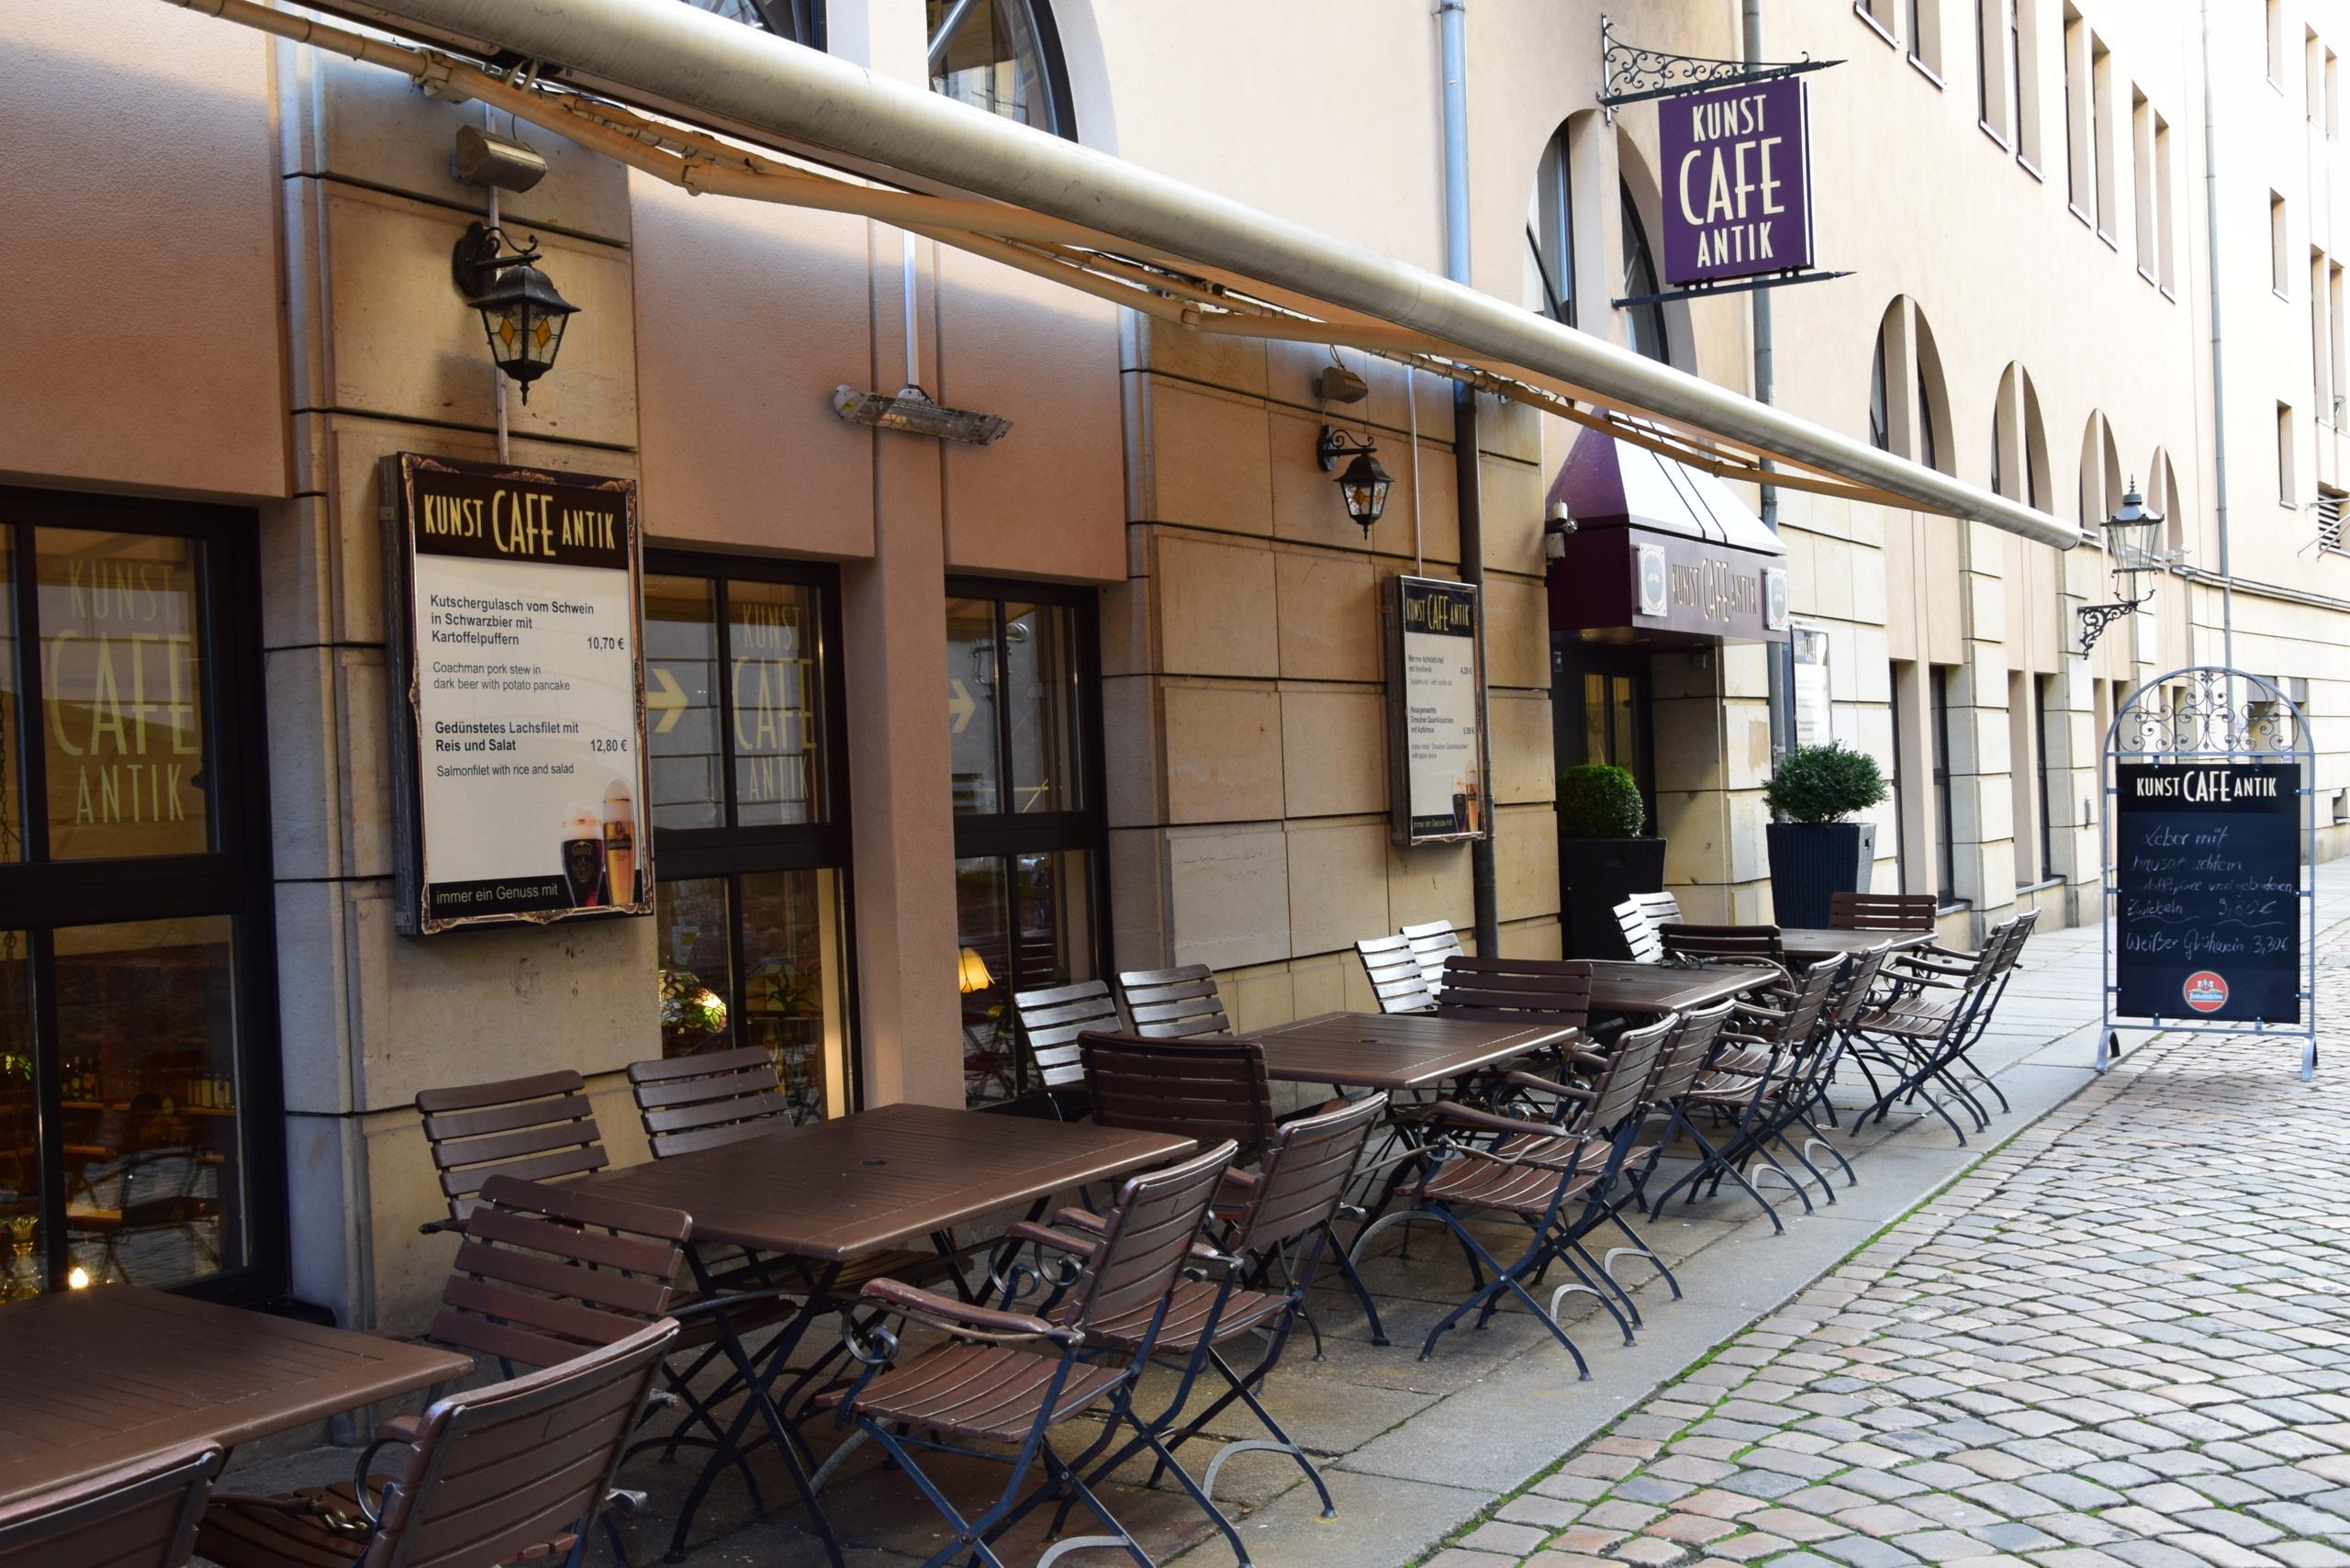 Kunst Café Antik Öffnungszeiten, Terrassengasse in Dresden | Offen.net